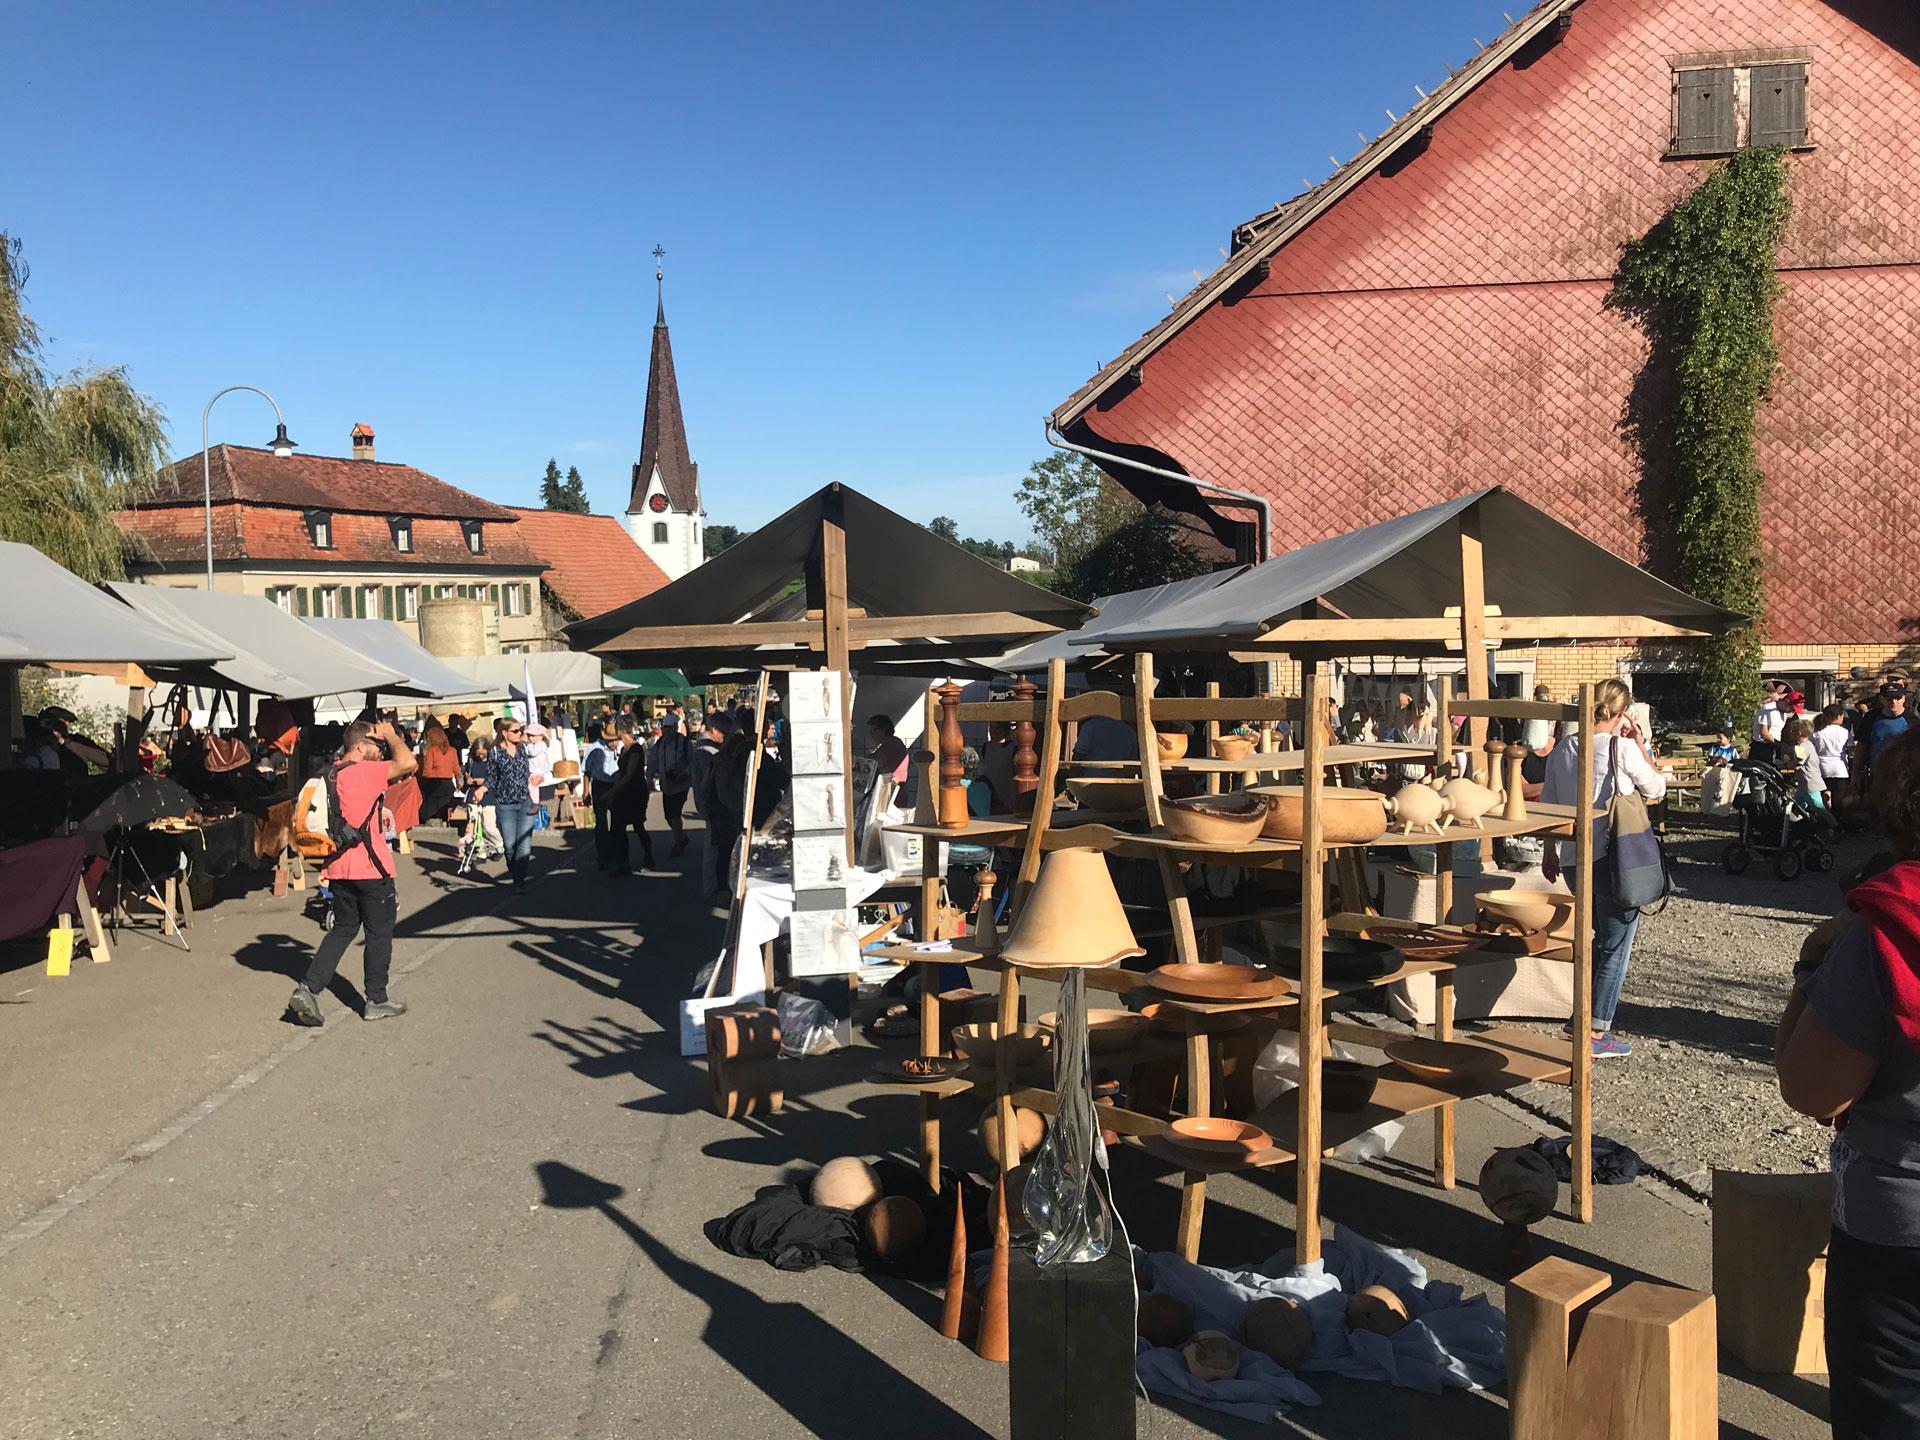 WasserschlossHagenwil_Erntedankfest19_09.JPG